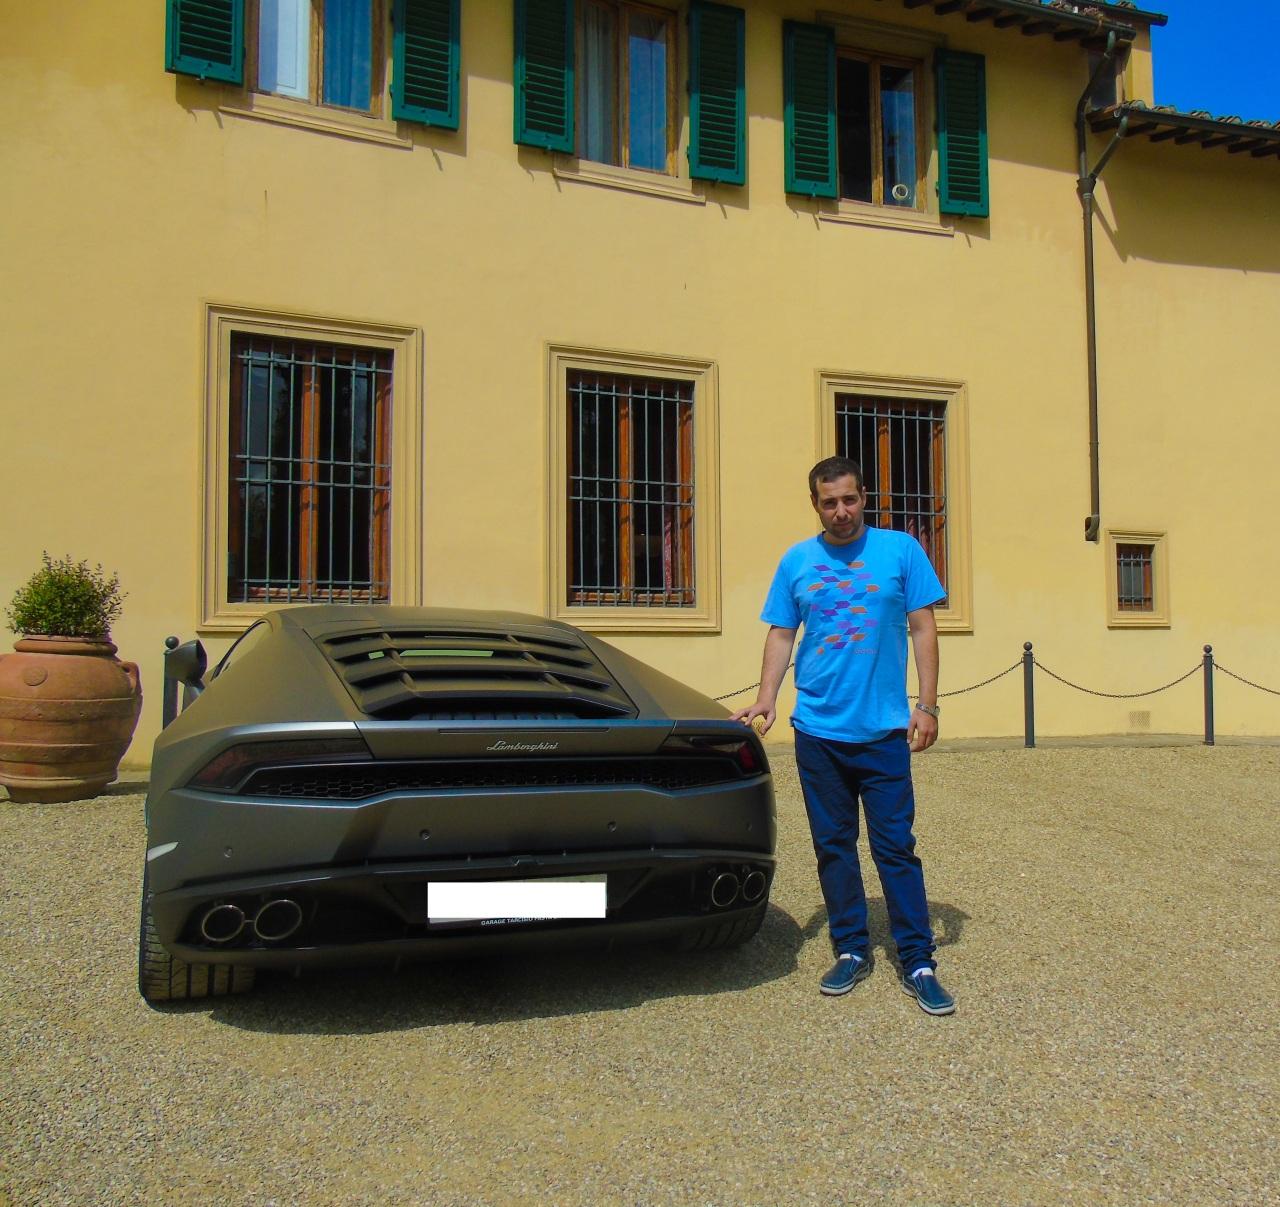 Que deberías saber para conducir un coche enItalia